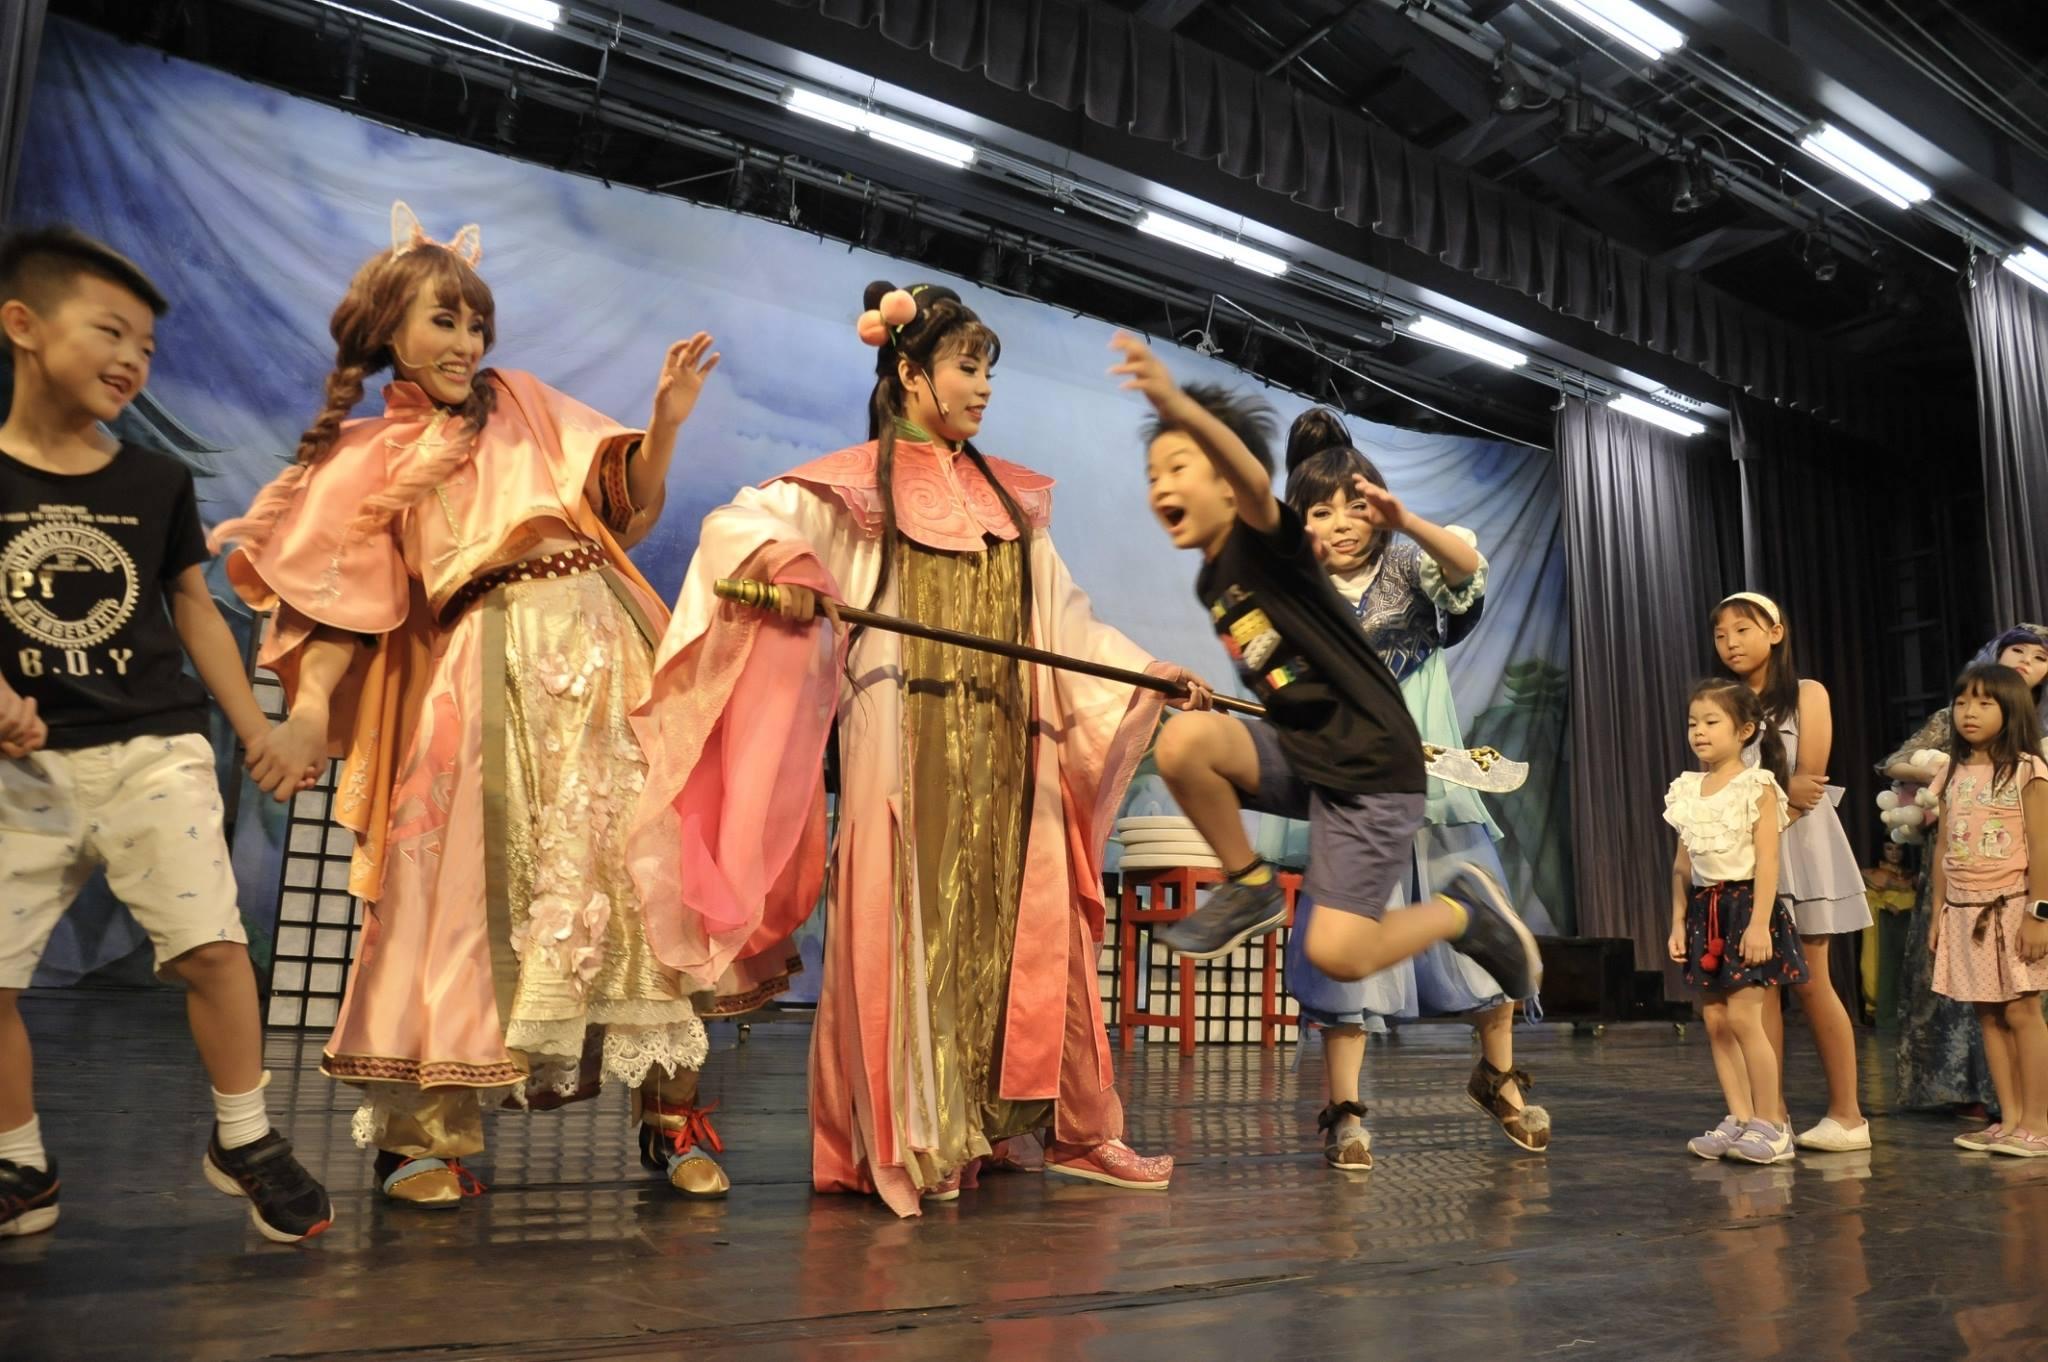 風神寶寶兒童劇團的莫怪樓派對,讓親子盡歡的好劇團